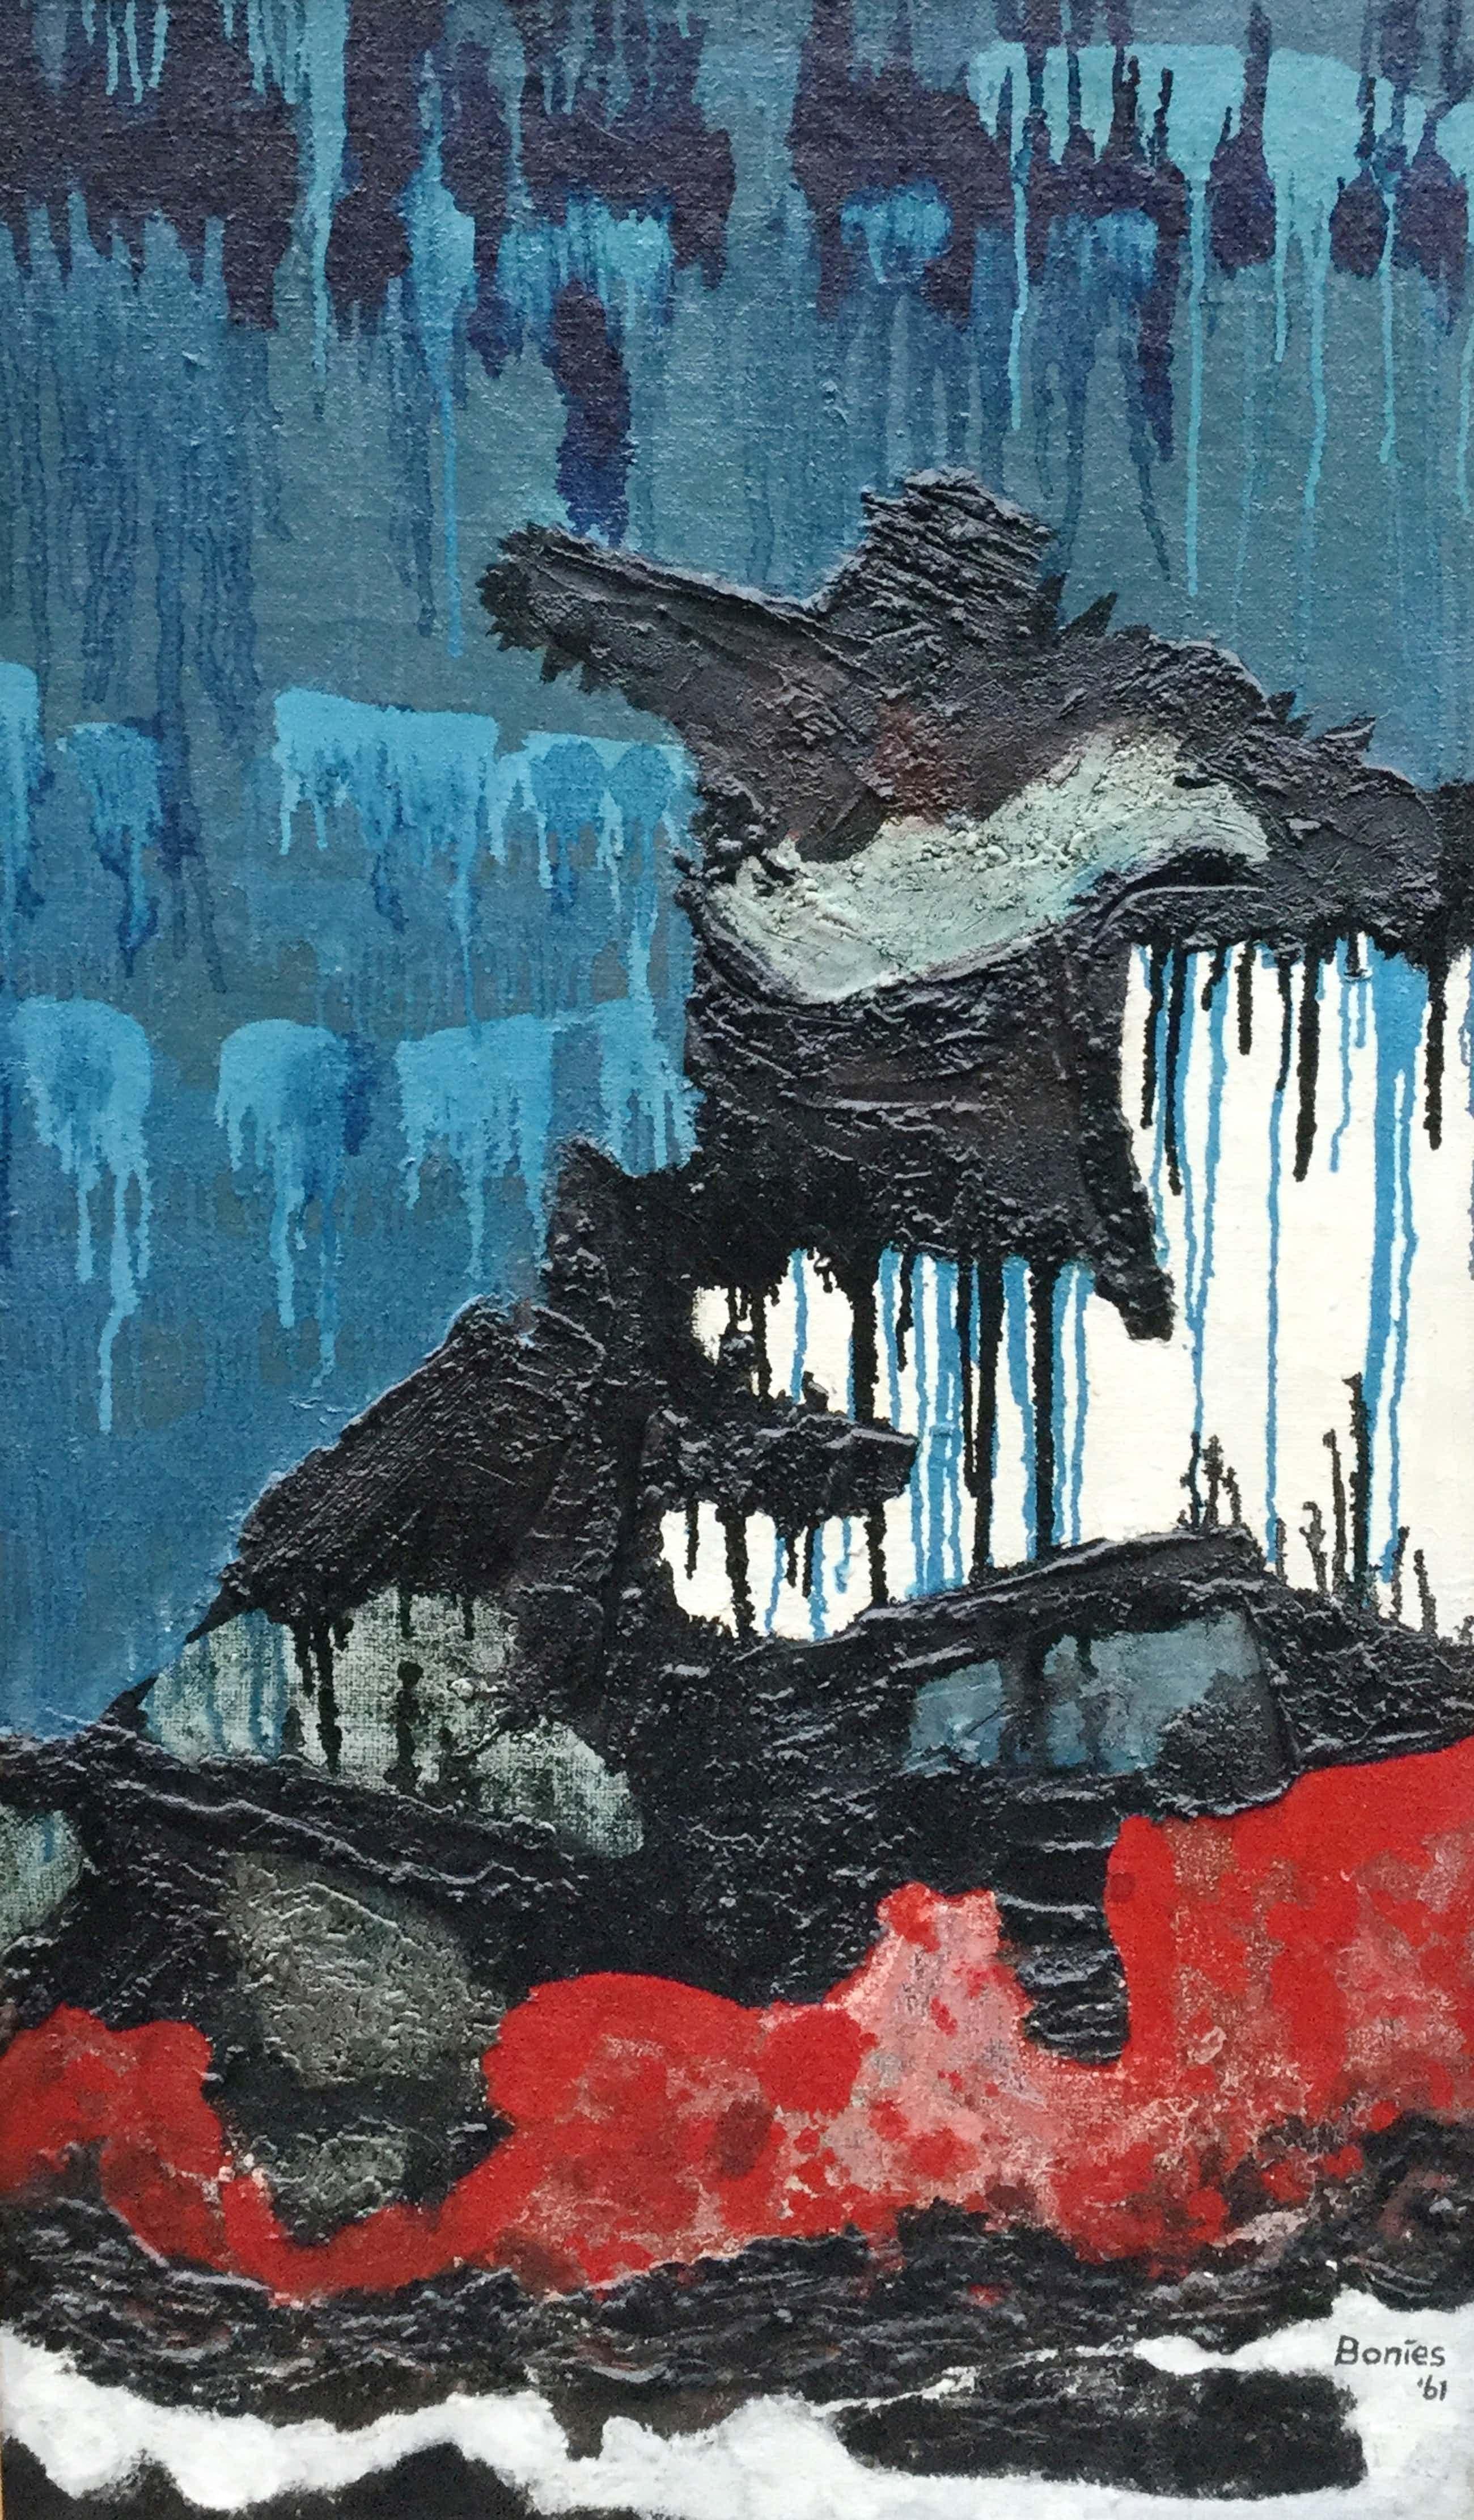 Bob Bonies - C2327 Abstracte compositie kopen? Bied vanaf 400!